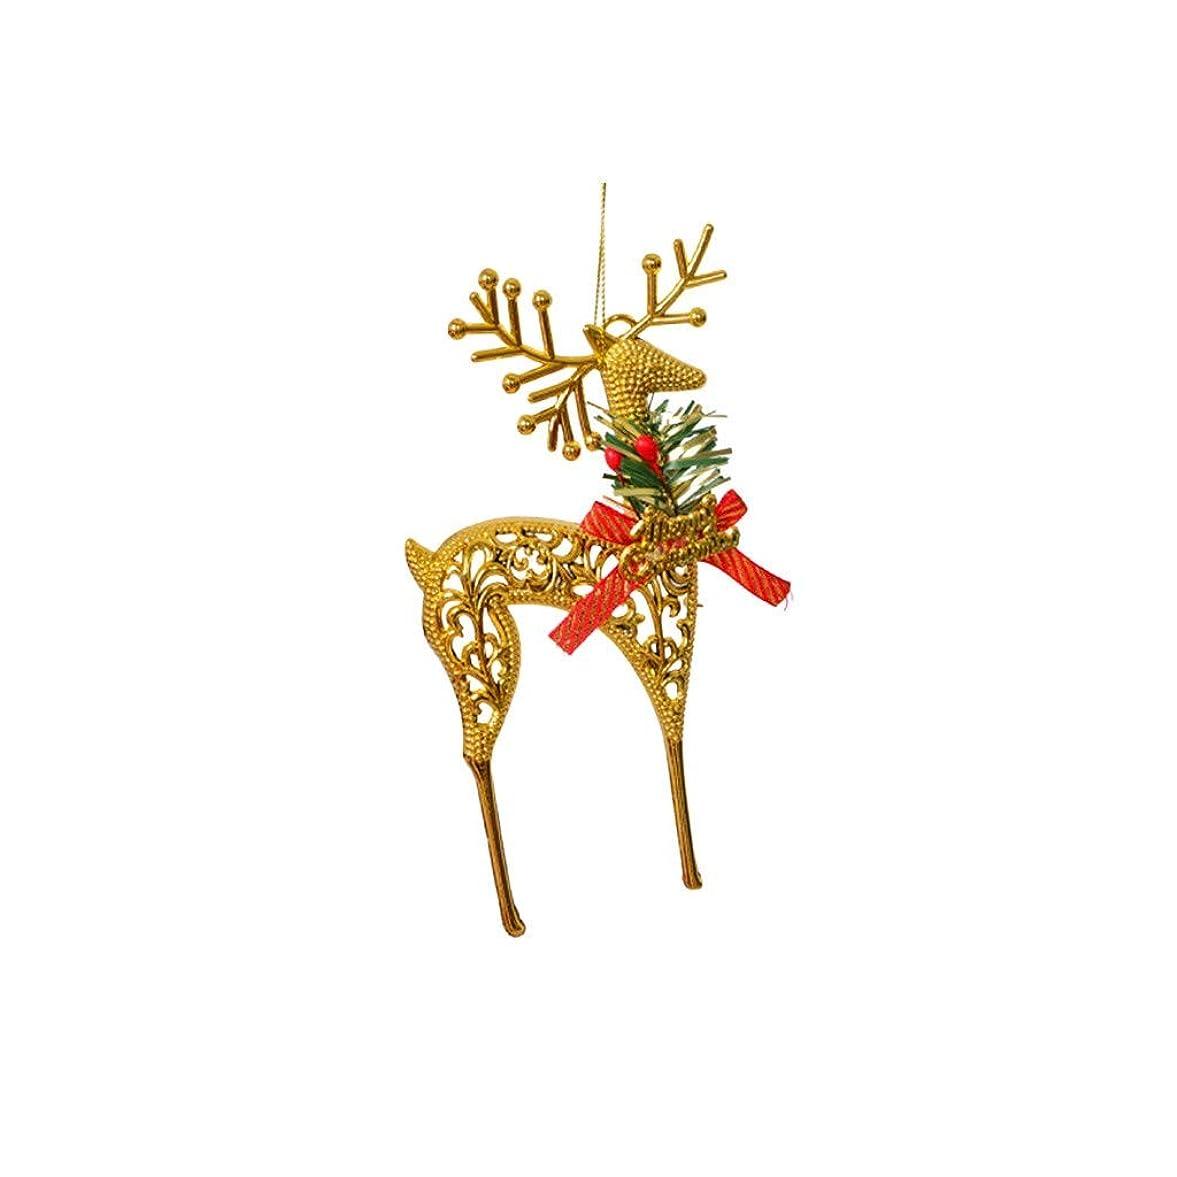 ルー記念碑委任メリークリスマスツリーの装飾プラスチック製の装飾クリスマスの装飾品装飾部品サンタクロースかわいいクリスマスの装飾内壁の装飾部屋の装飾クリスマス